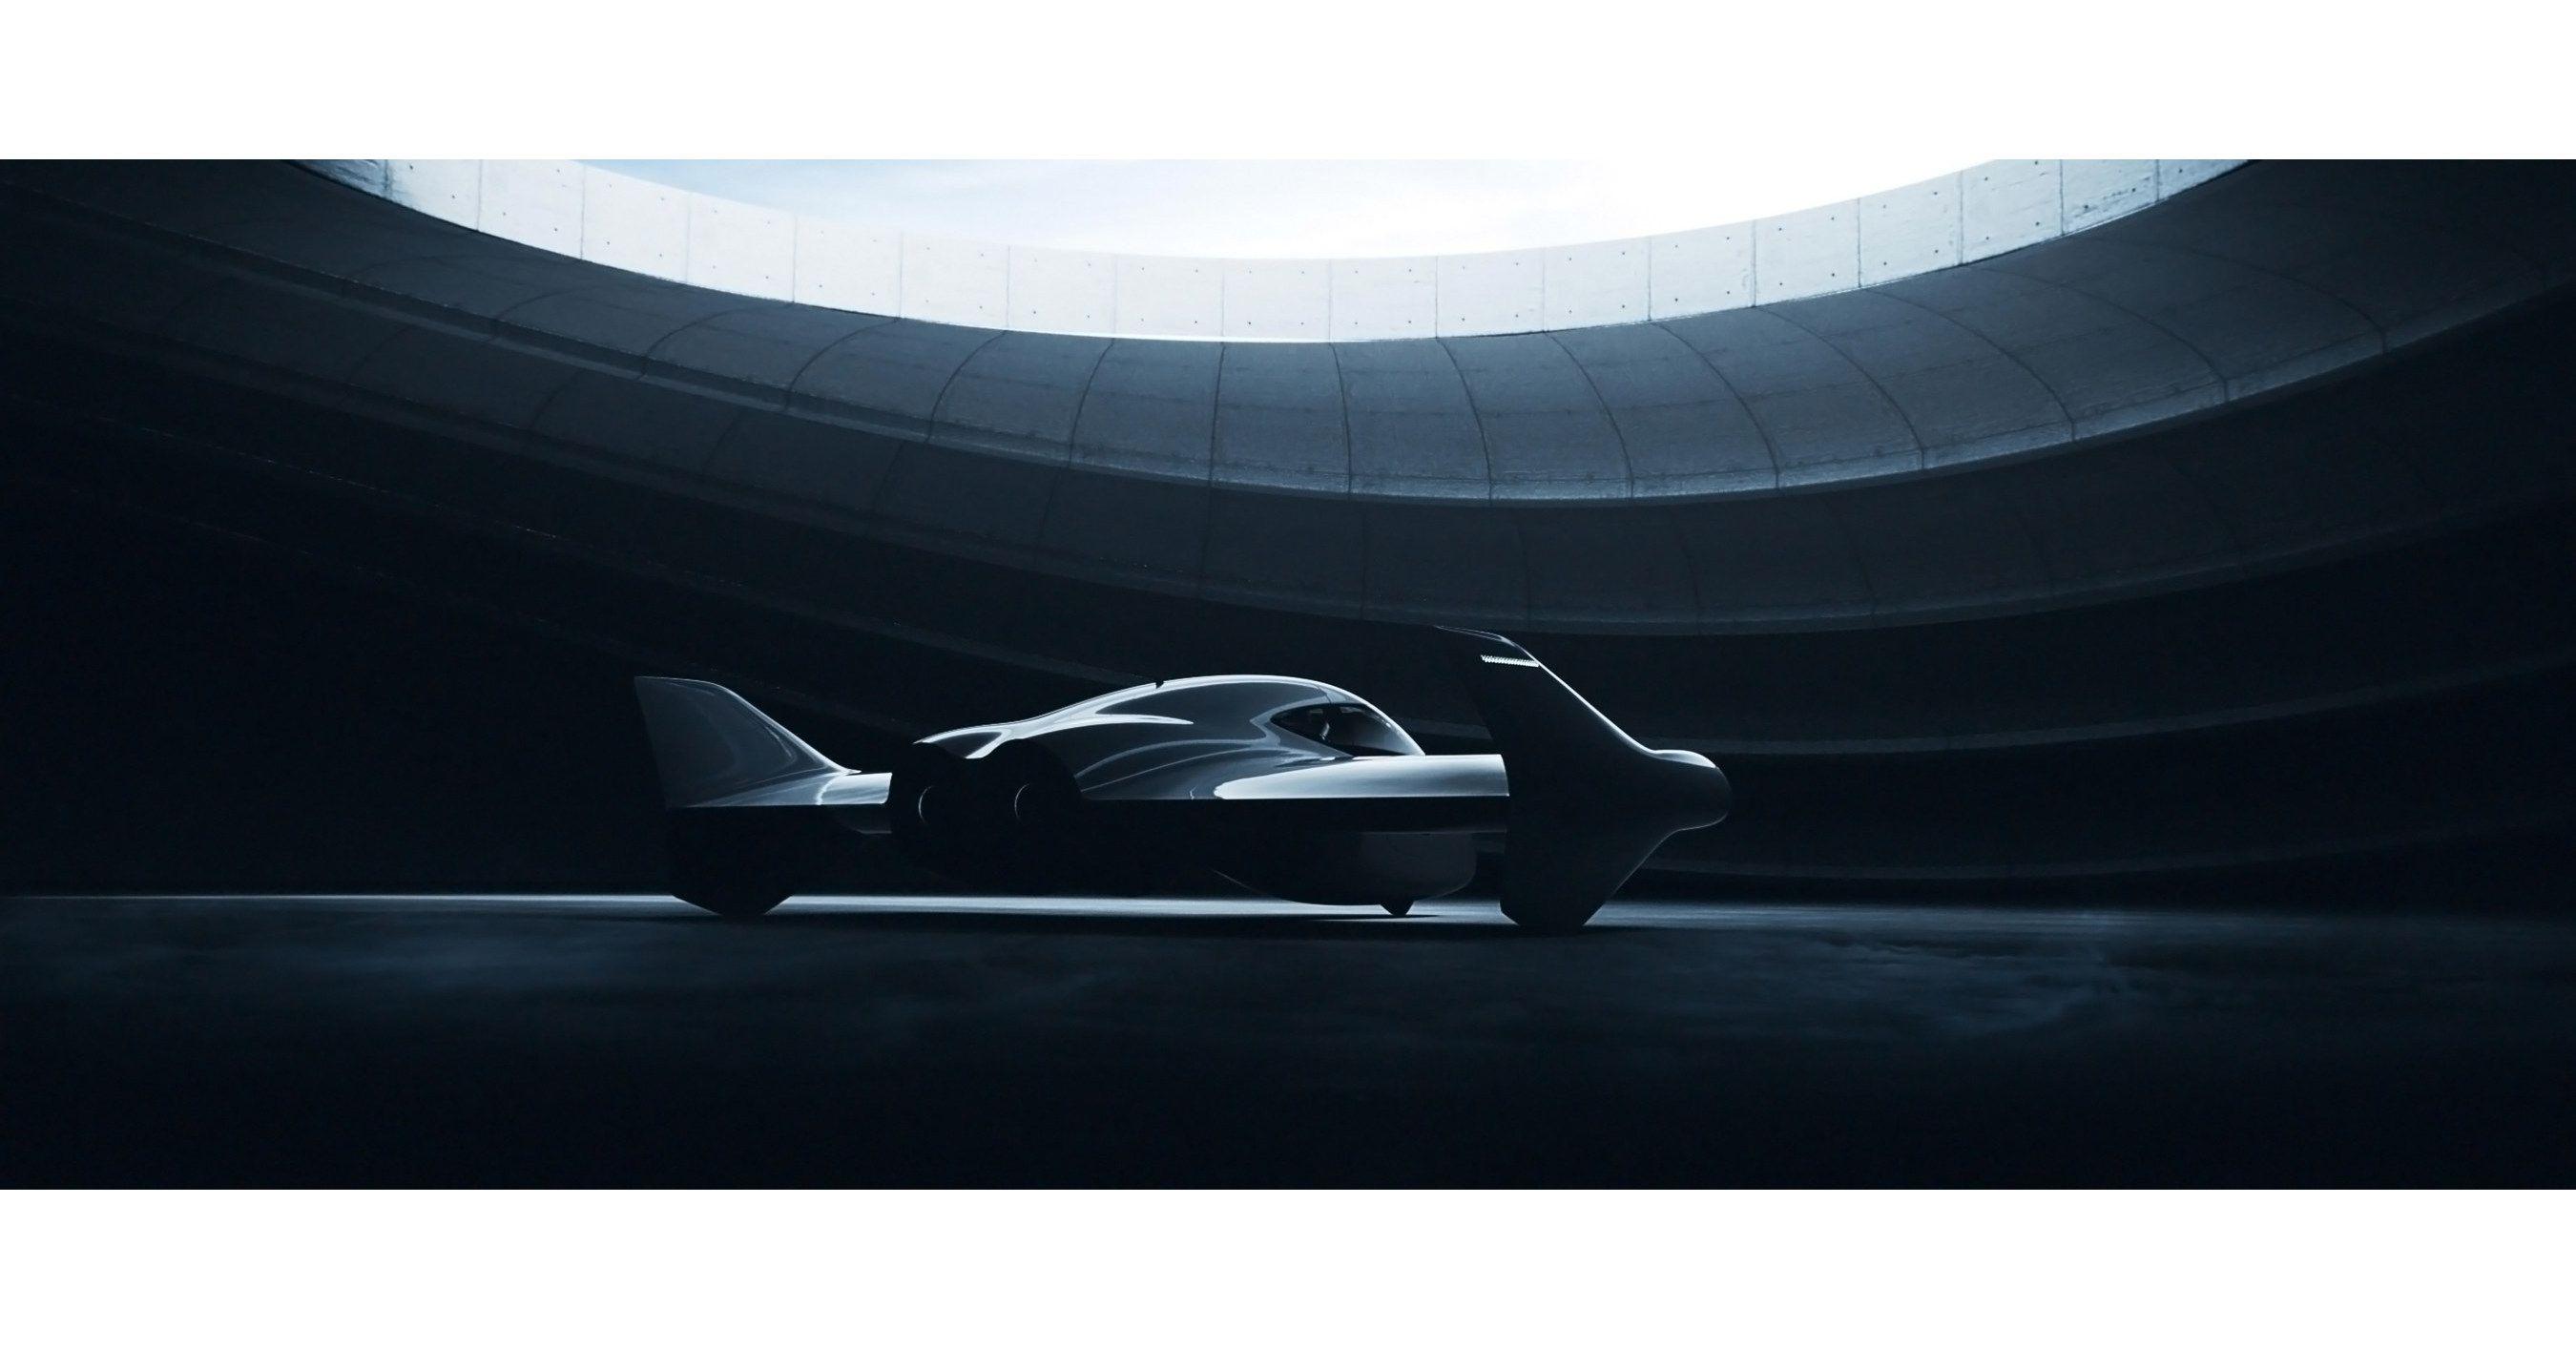 Pin by Edwin Unger on My Pins in 2020 Boeing, Porsche, Urban